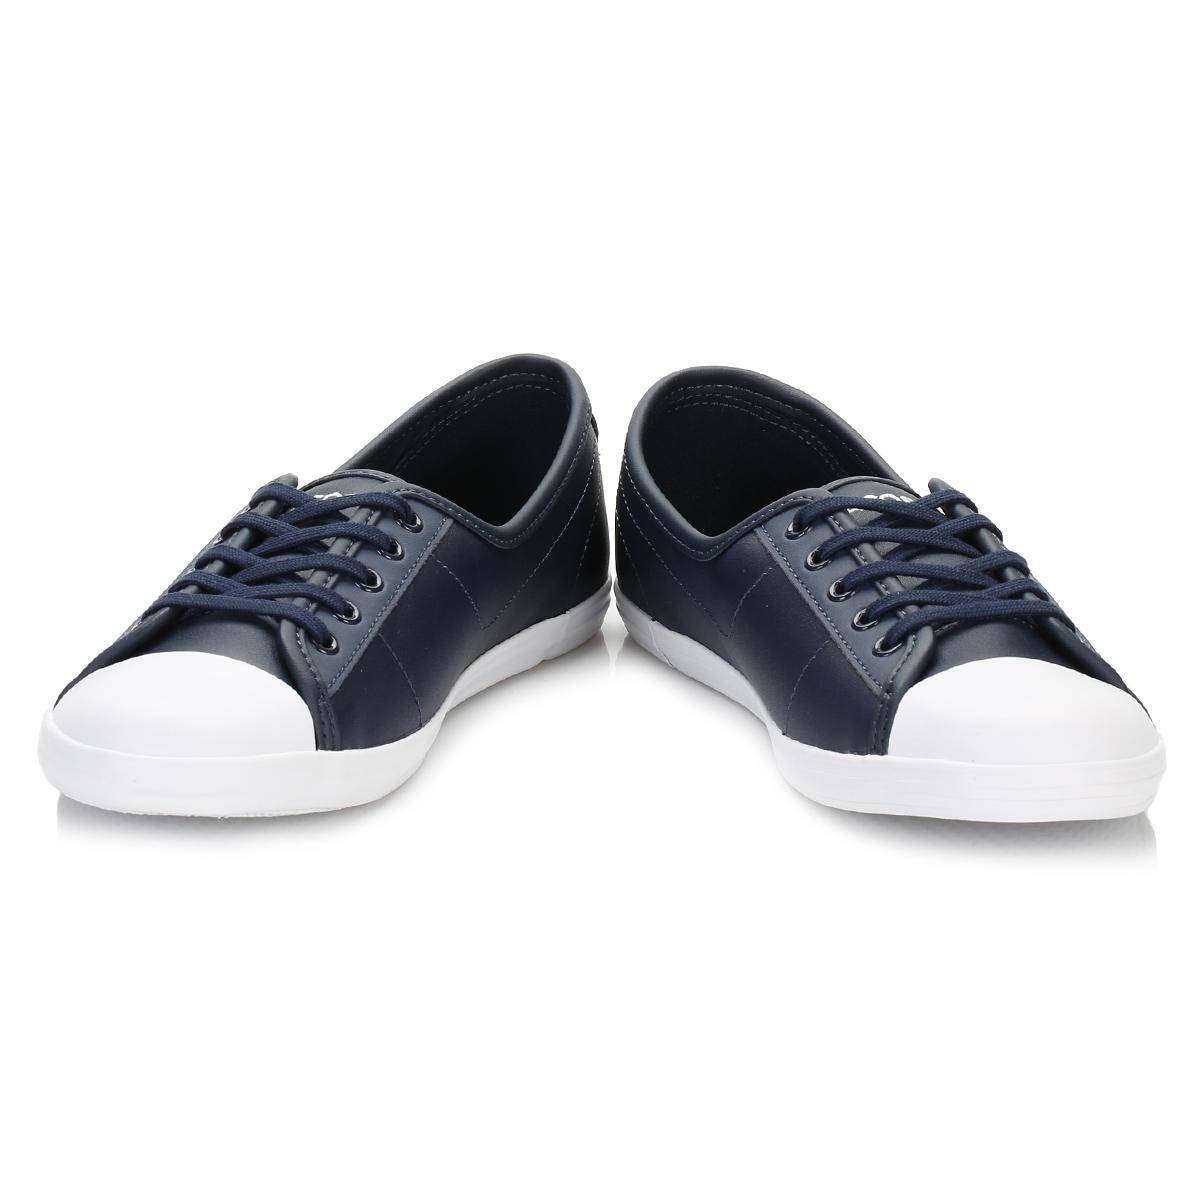 Lacoste Damenschuhe Navy Blau Trainers Ziane BL 1 SPW Trainers Blau Leder Casual Schuhes Flats cec7da